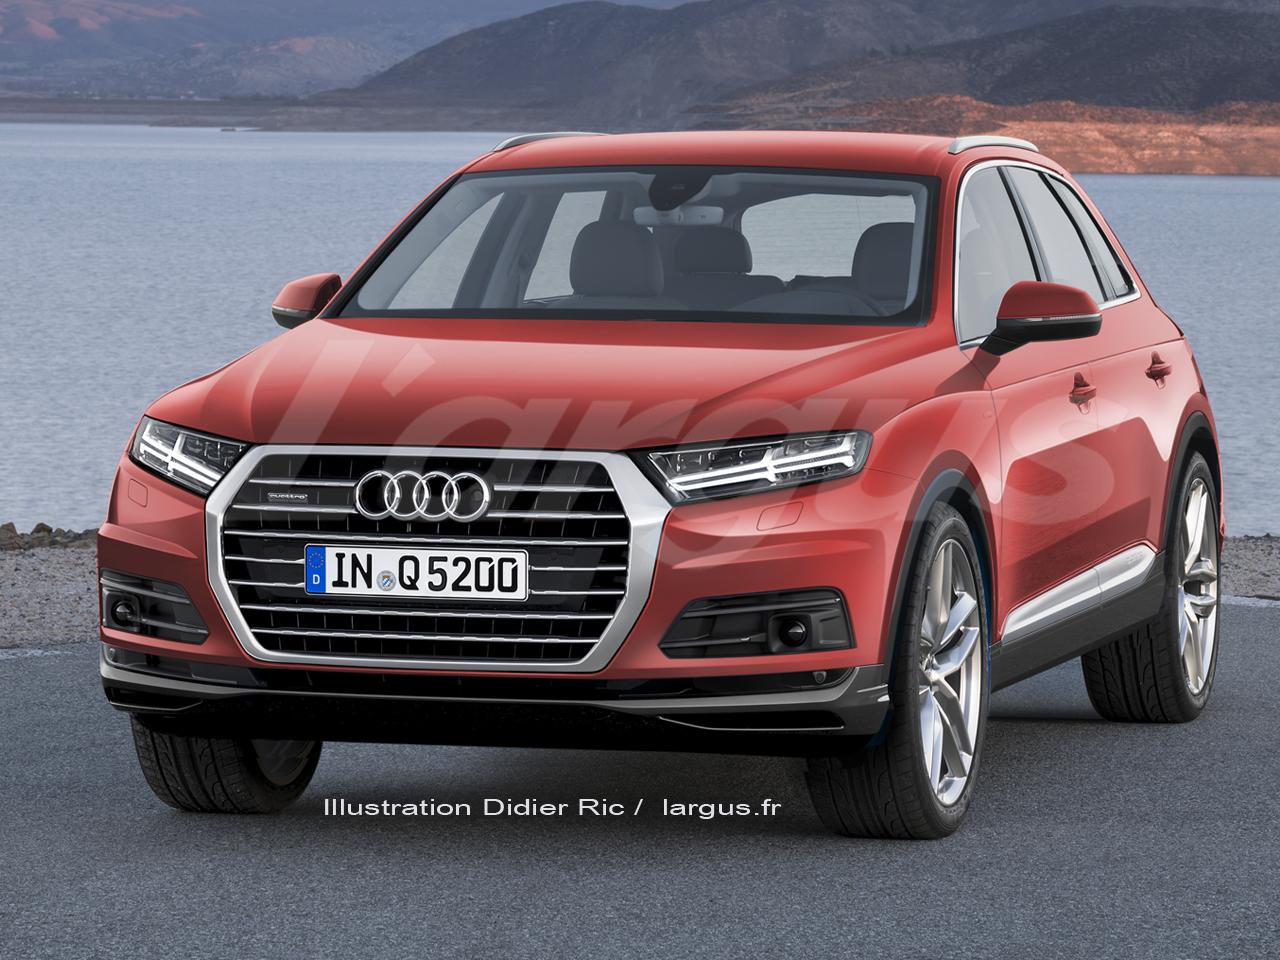 2016 - [Audi] Q5 II - Page 3 Futur-audi-q5-2016